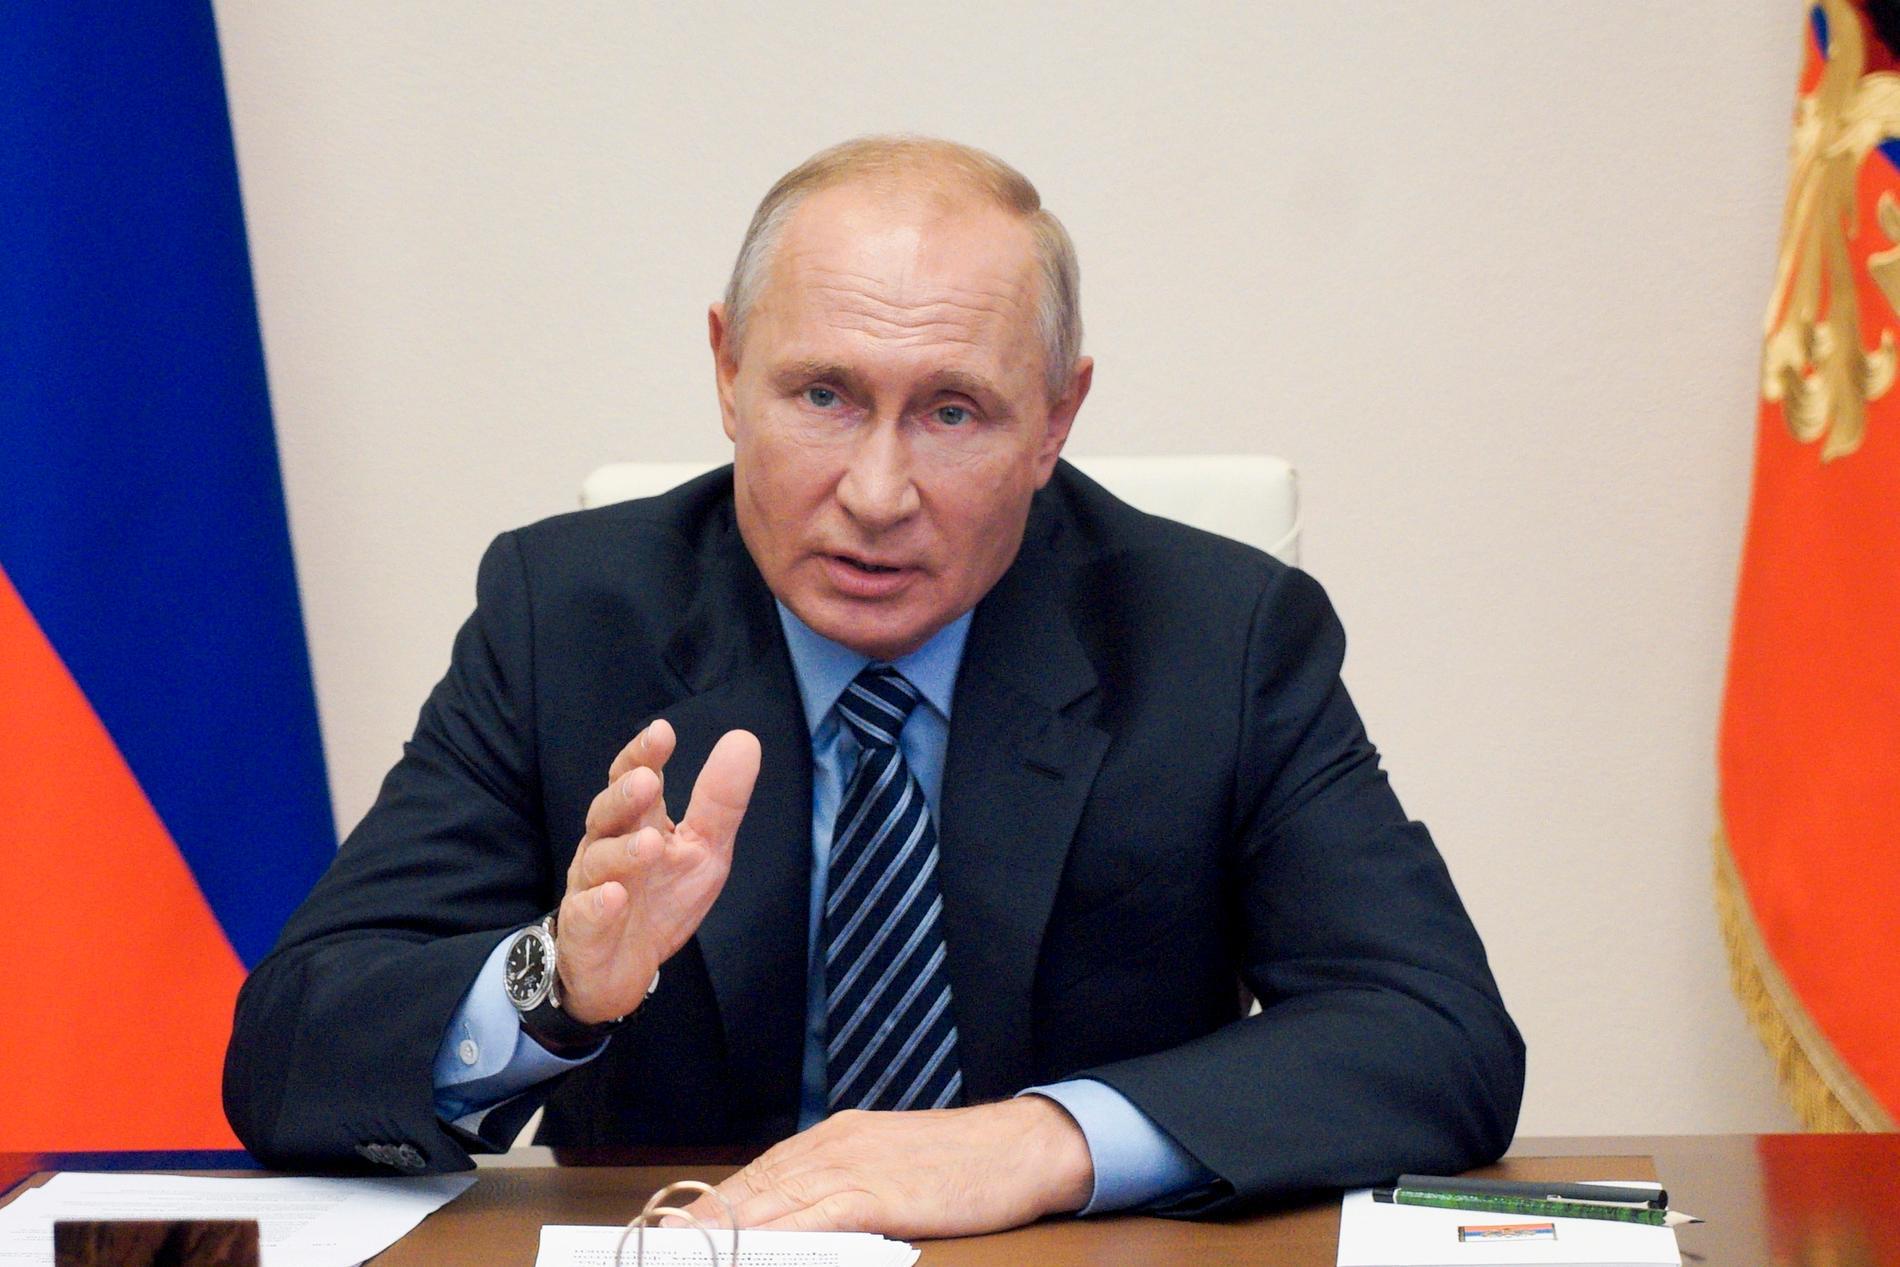 Ryssland under Putin gör helt enkelt som man vill.